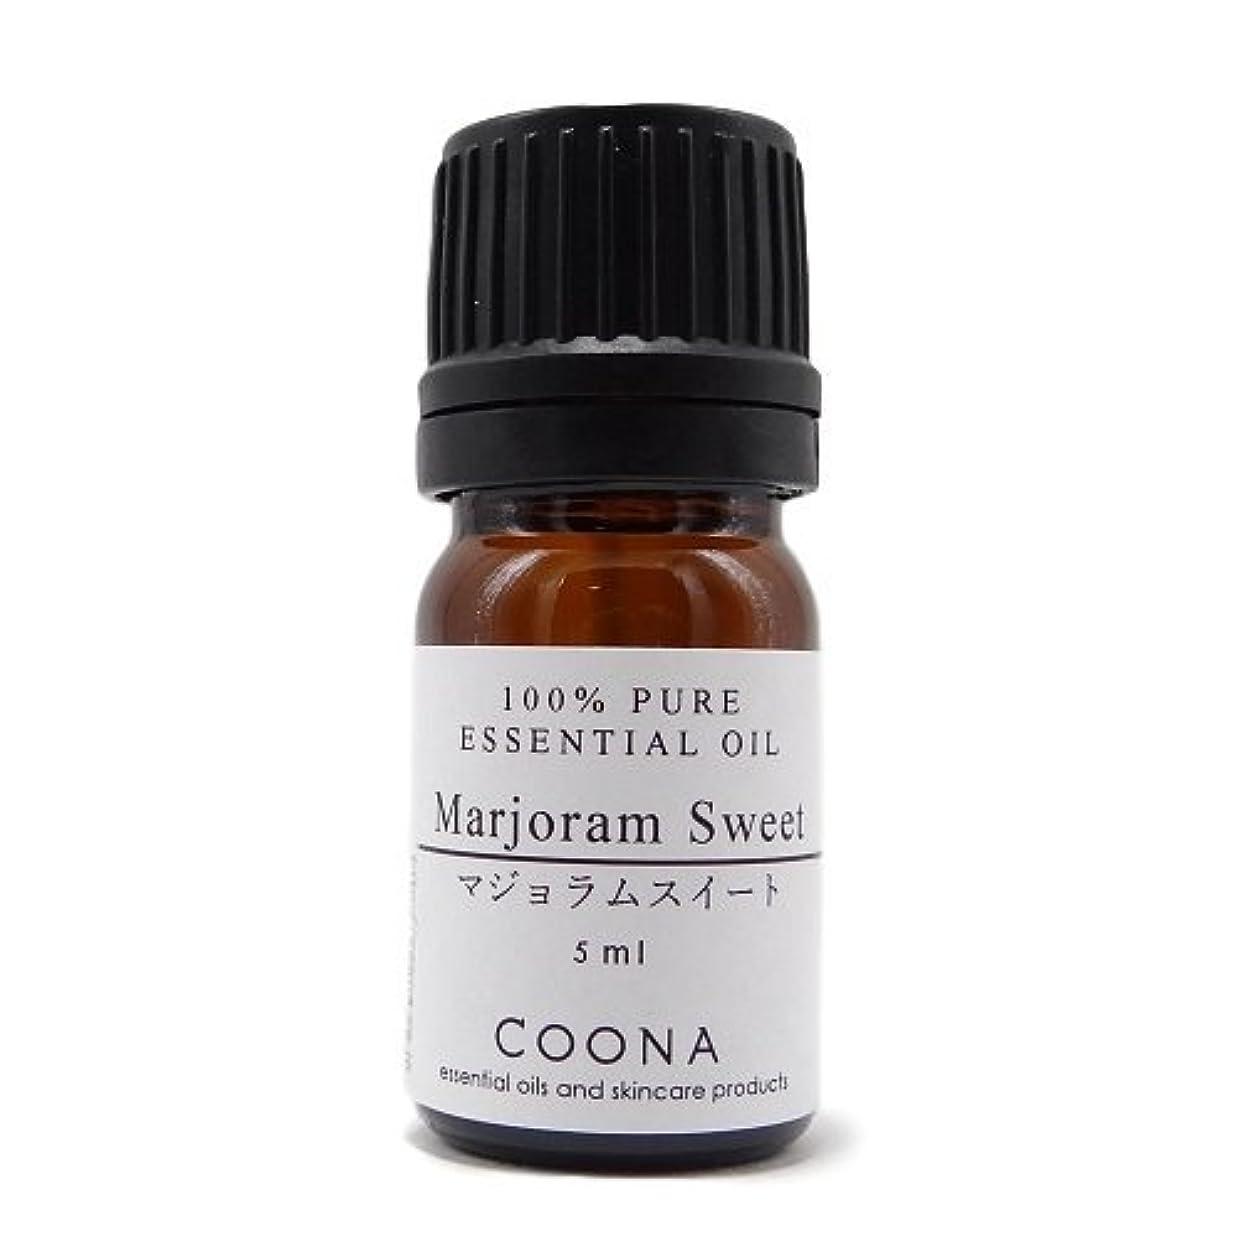 役に立たない山積みのメドレーマジョラム スイート 5 ml (COONA エッセンシャルオイル アロマオイル 100%天然植物精油)